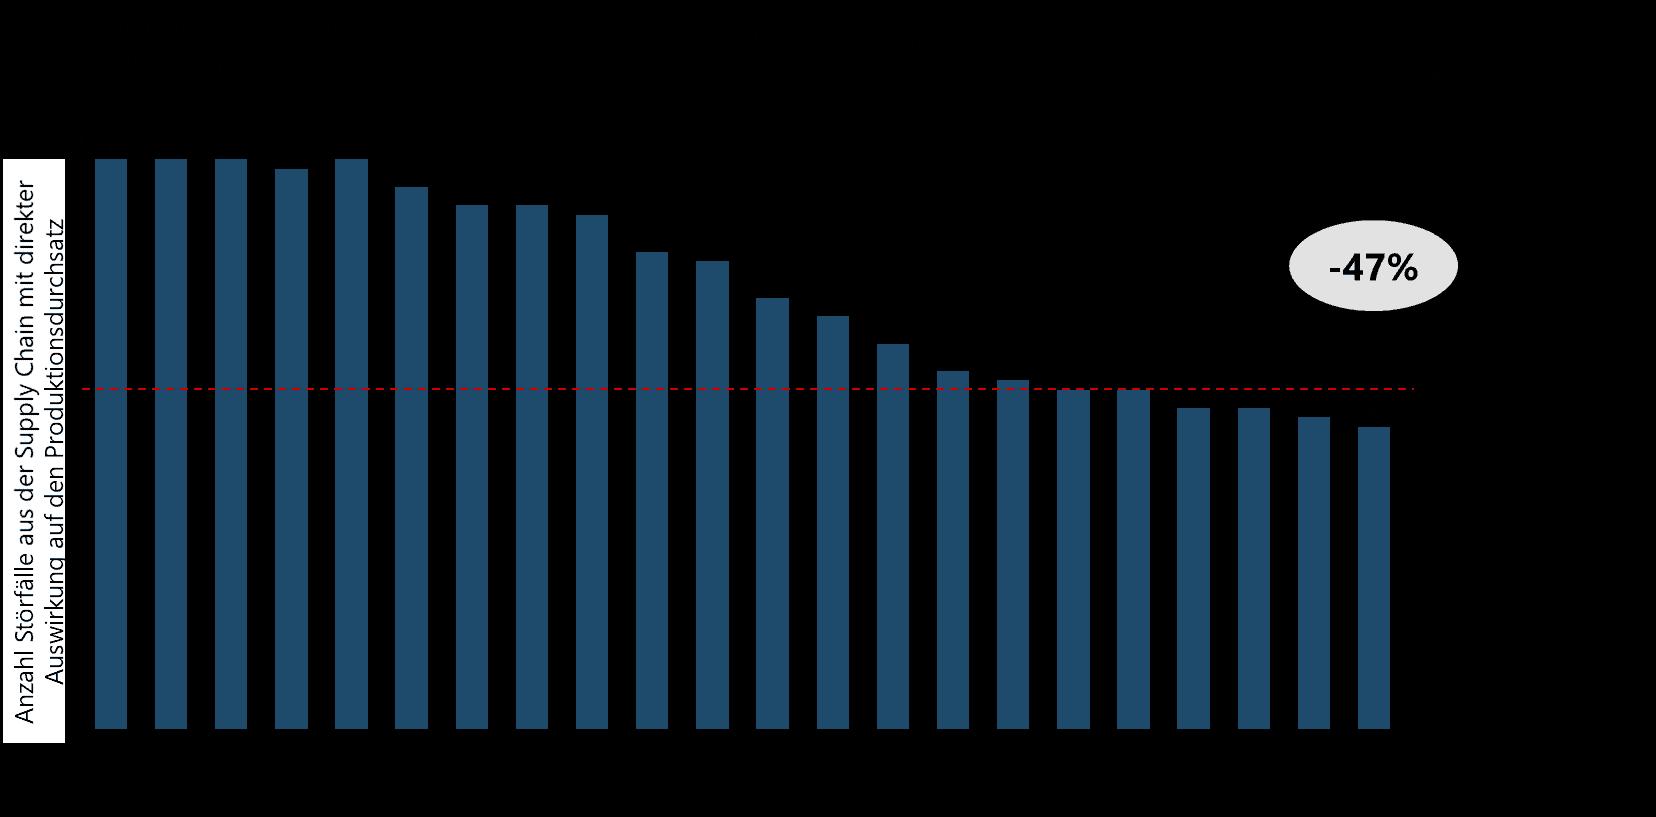 Lieferantenradar Grafik DE - Wie Unternehmen ihre Lieferkette durch einen Lieferantenradar absichern können